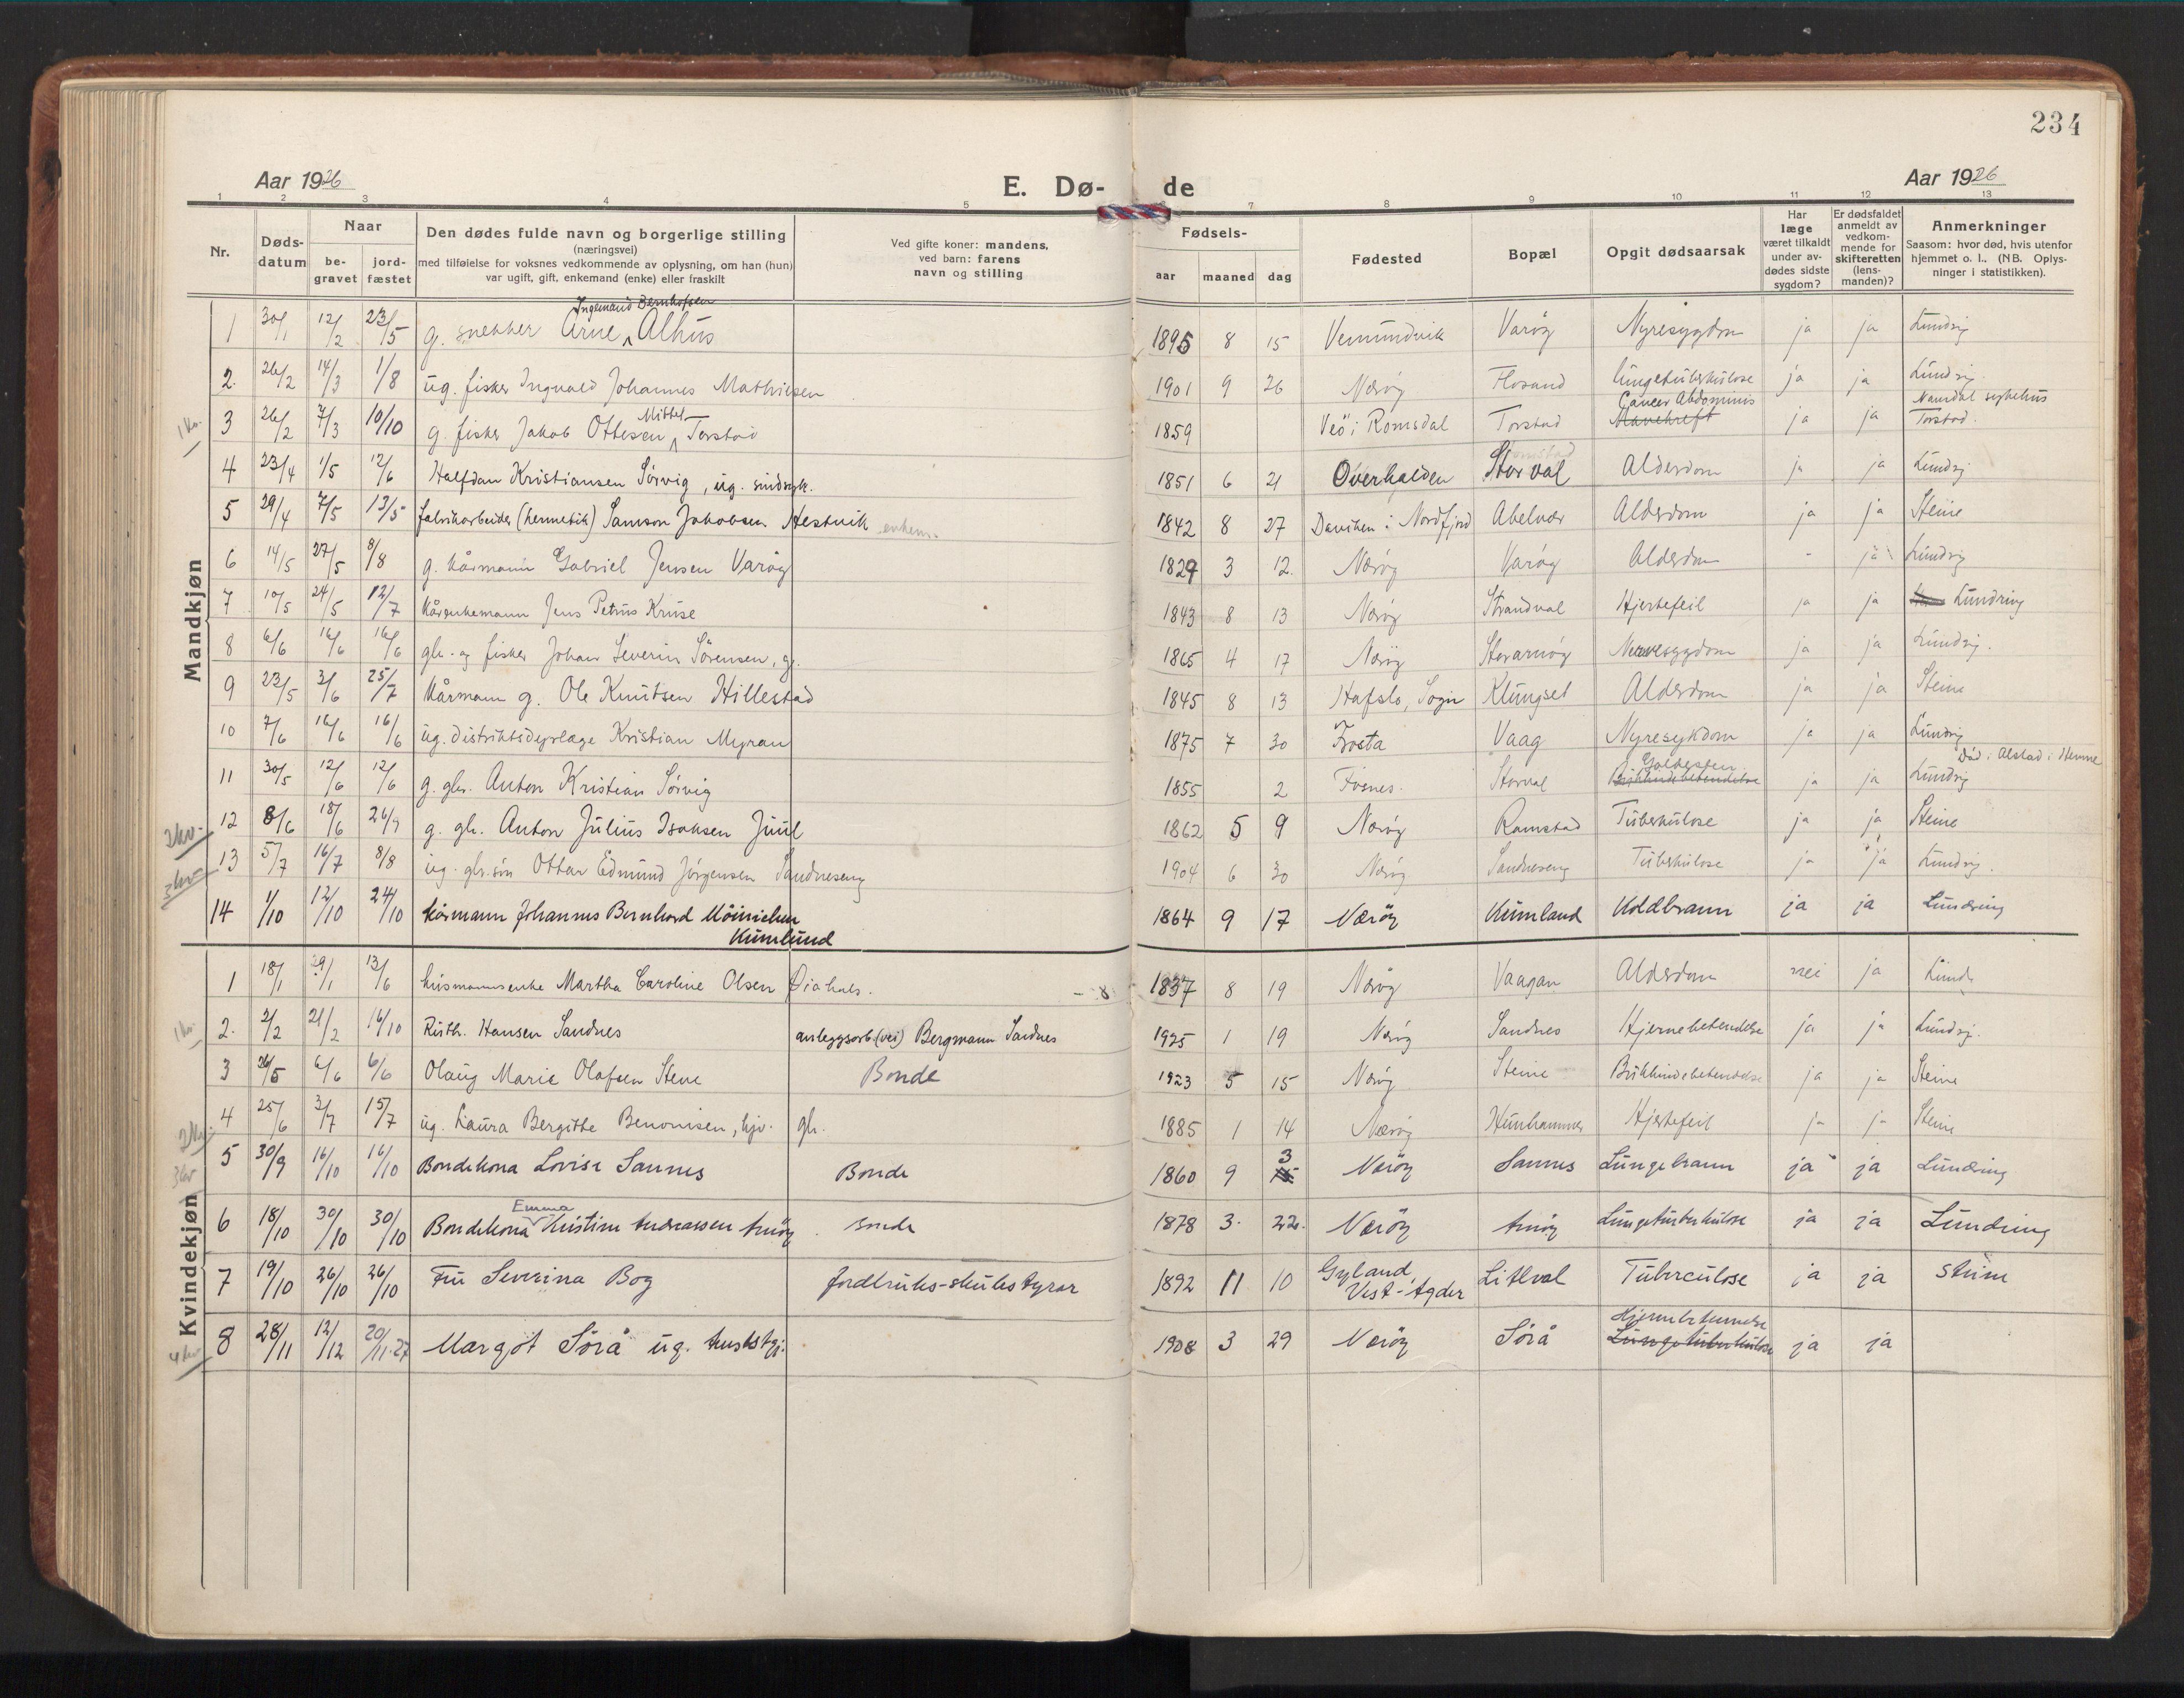 SAT, Ministerialprotokoller, klokkerbøker og fødselsregistre - Nord-Trøndelag, 784/L0678: Ministerialbok nr. 784A13, 1921-1938, s. 234